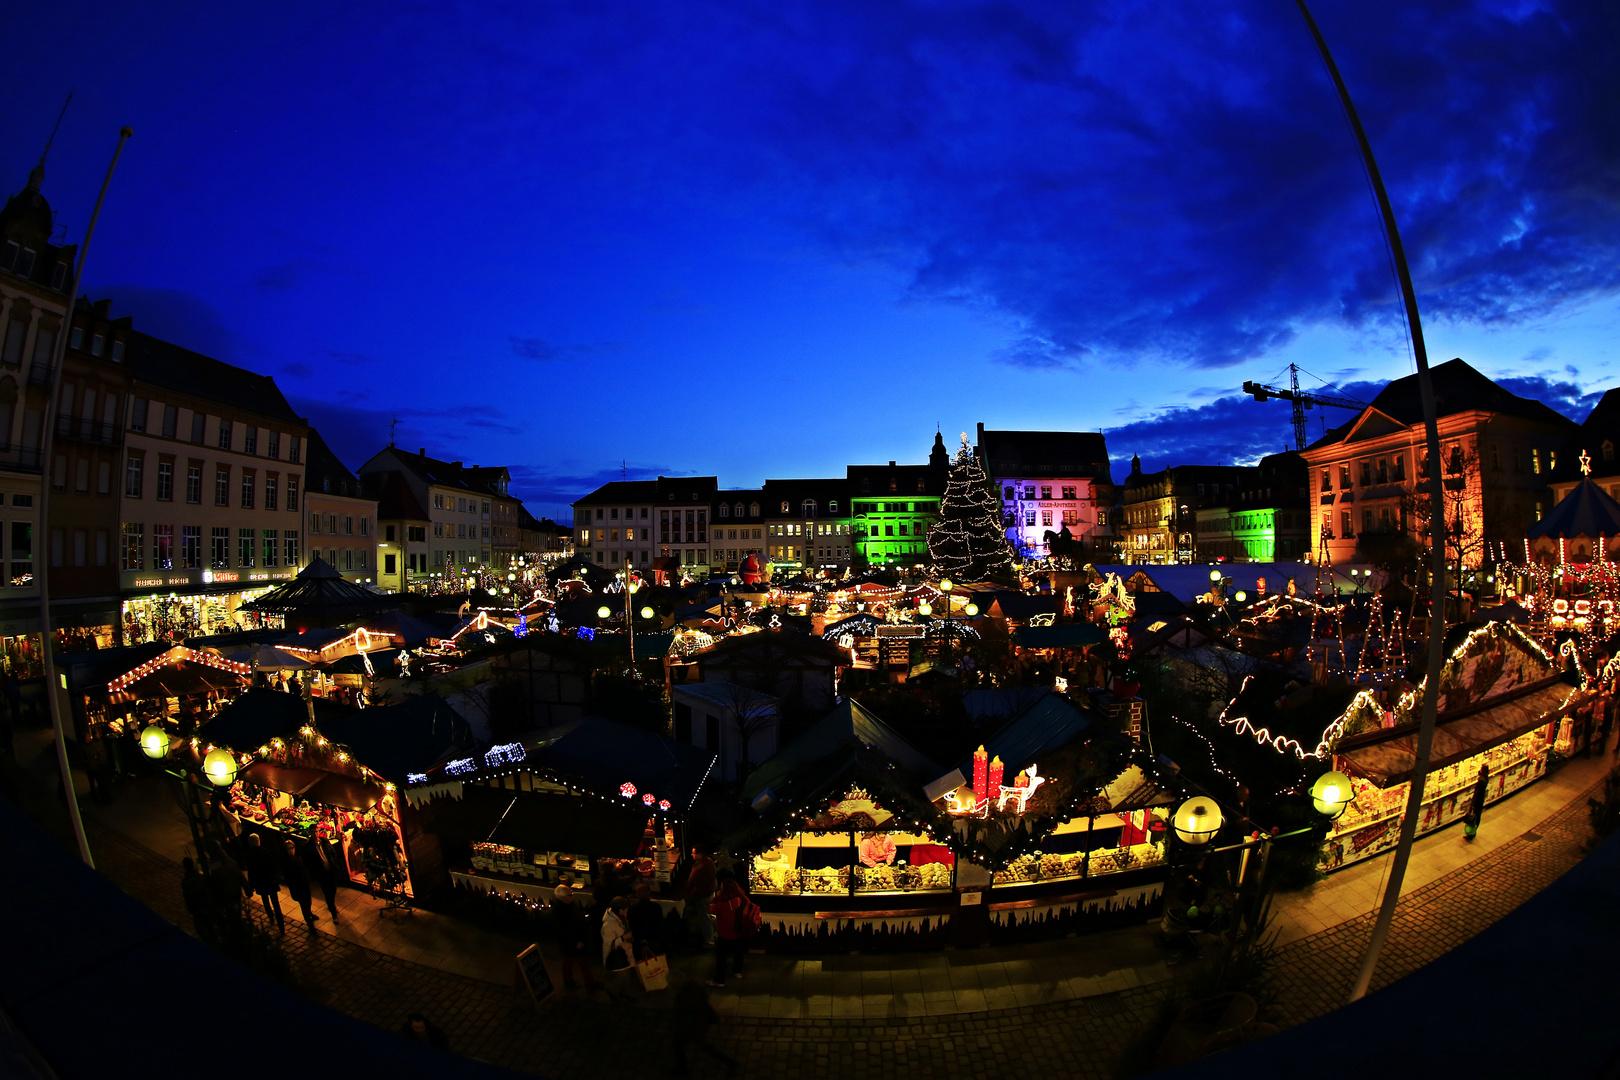 Landau Weihnachtsmarkt.Glanzvoller Weihnachtsmarkt Landau In Der Pfalz 17 12 15